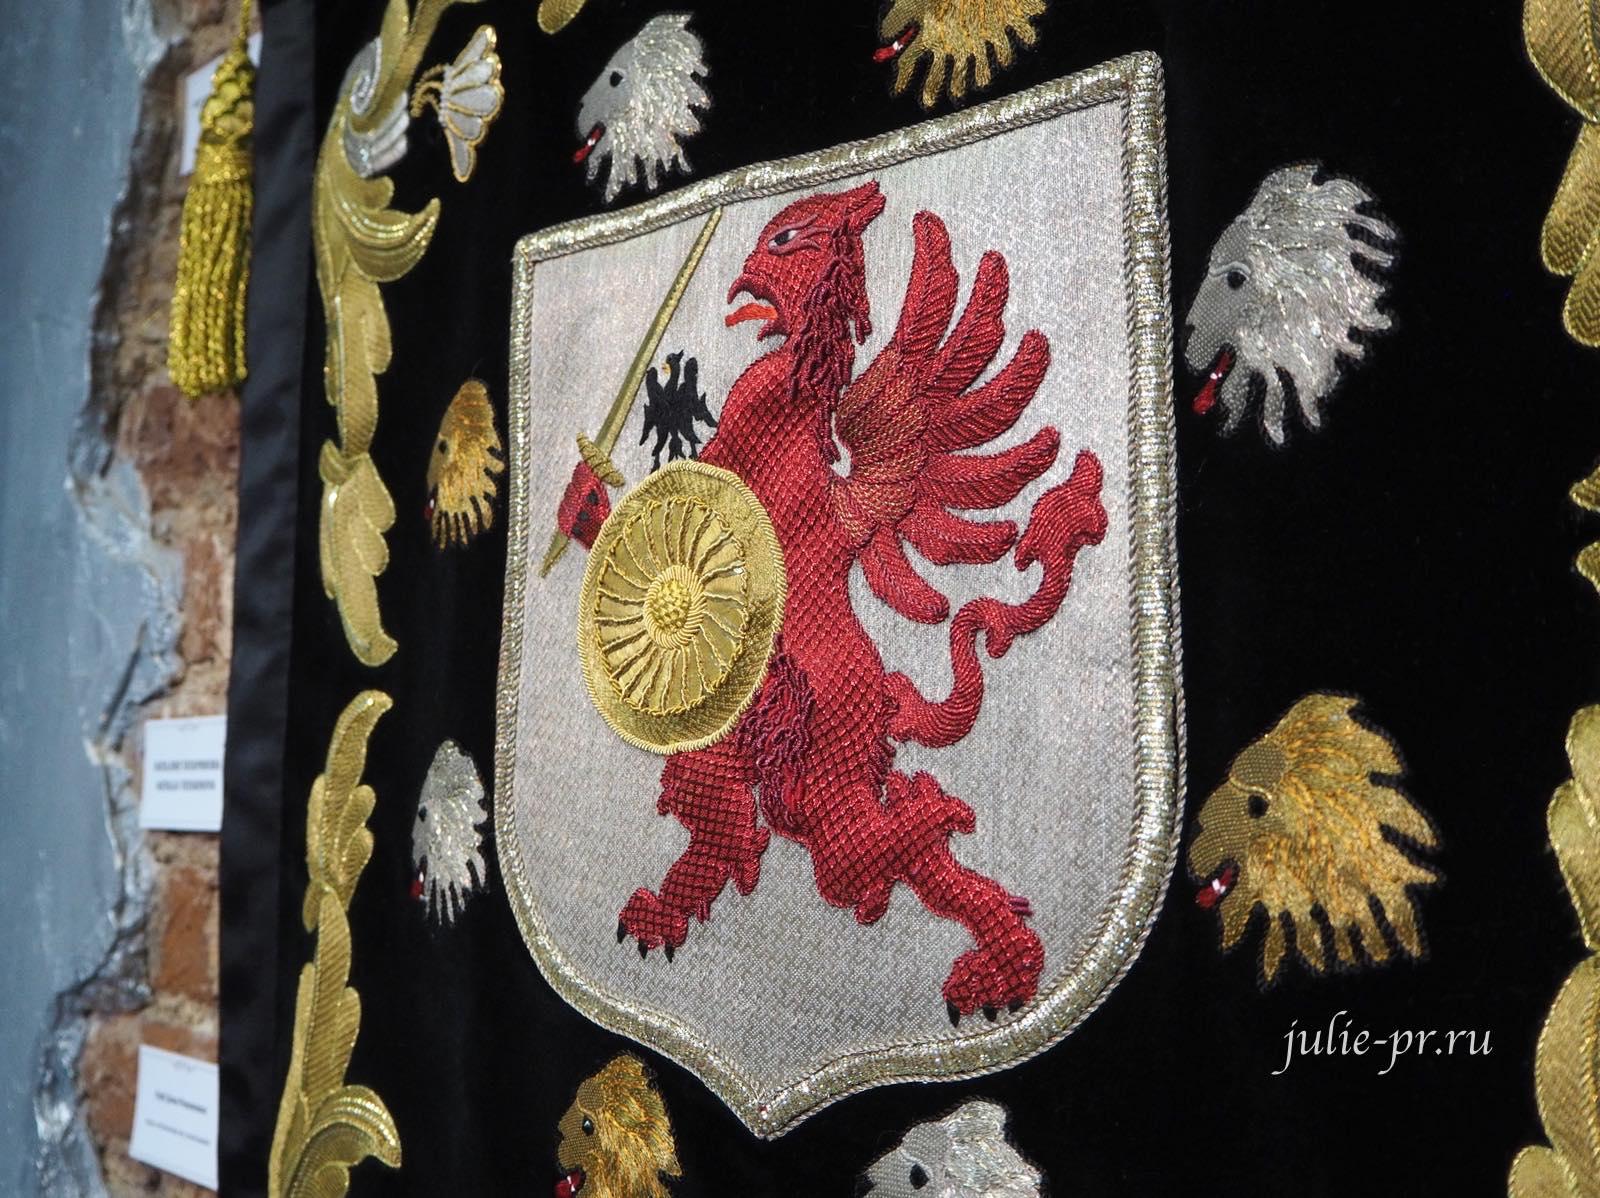 золотное шитье, Выставка Цветная матрица мечты, Музей Русский Левша, золотная вышивка, Санкт-Петербург